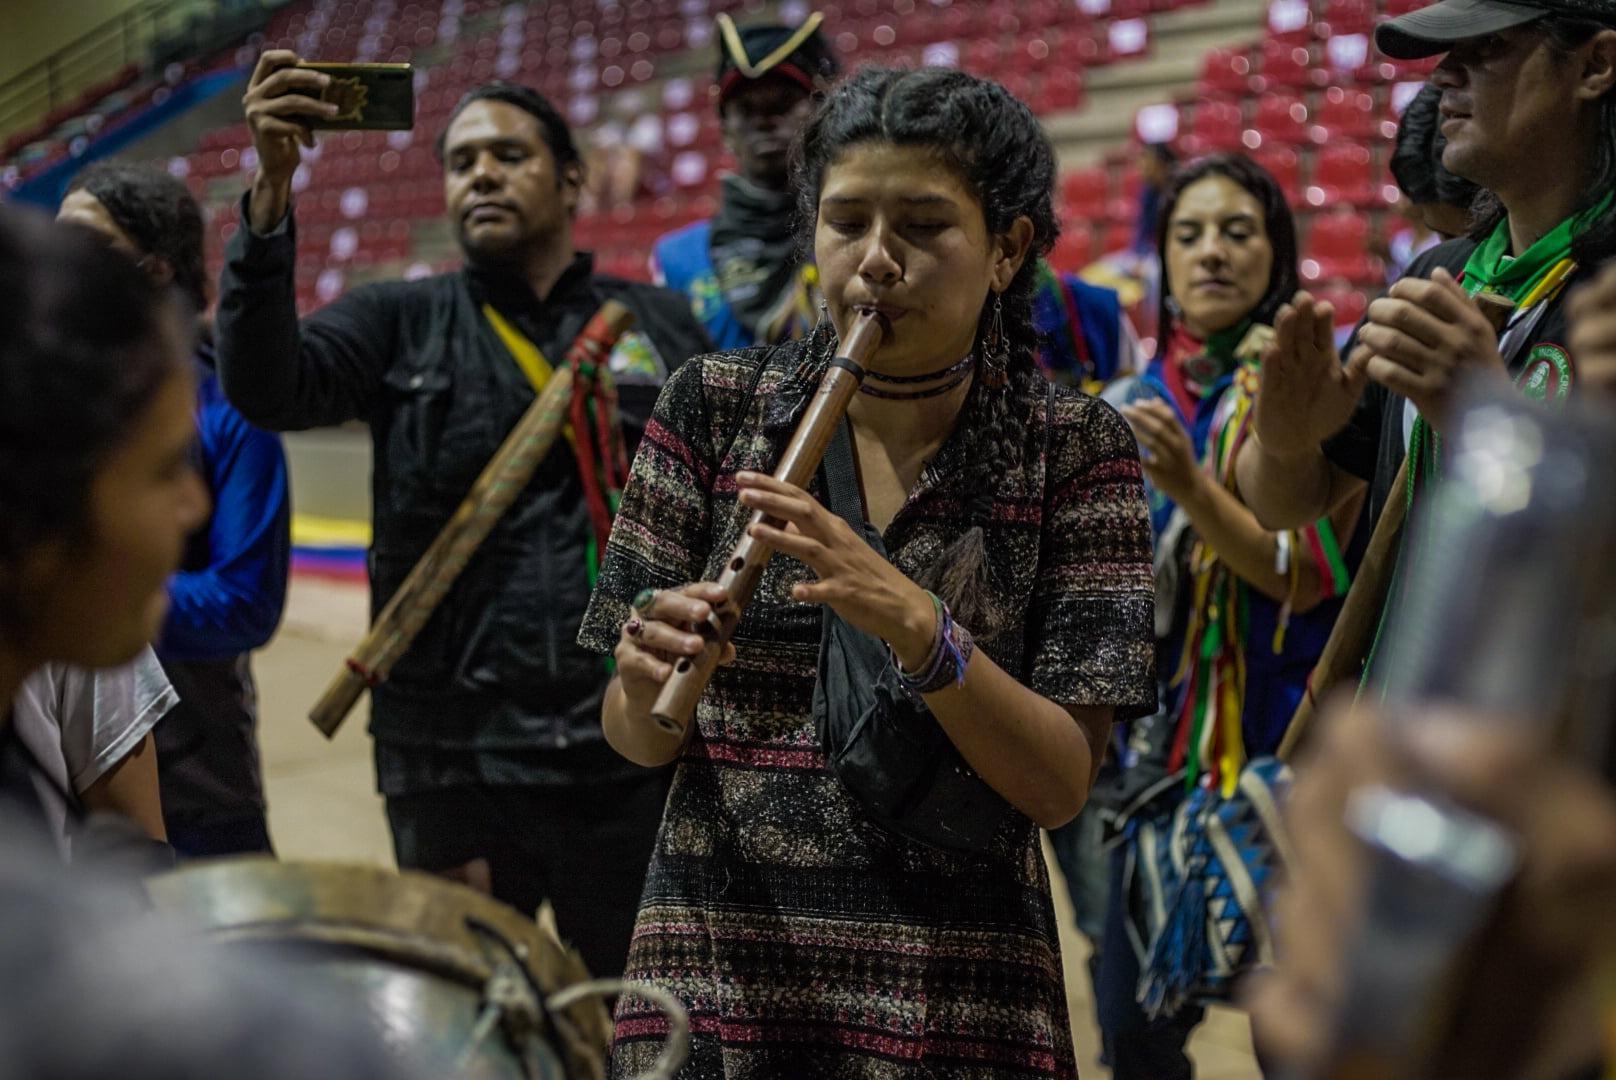 Puede ser una imagen de 4 personas, personas de pie, personas tocando instrumentos musicales e interior